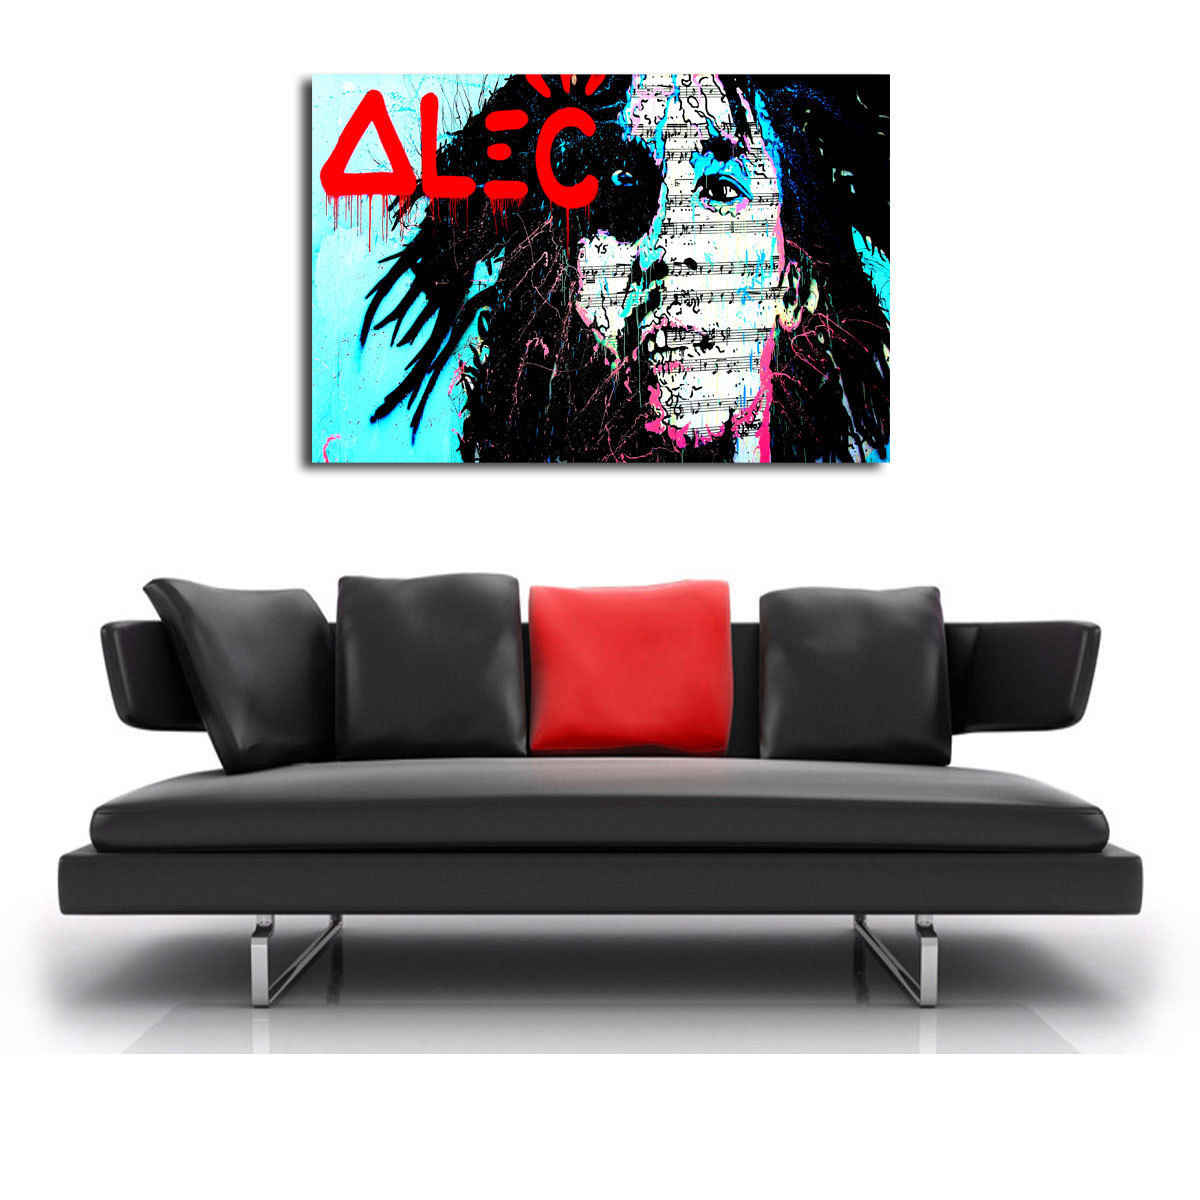 Alec Monopolys Bob Marly Astratta di Arte Della Parete Della Pittura A Olio Poster Tela di Canapa Pittura Stampa Immagini per Living Room Complementi Arredo Casa